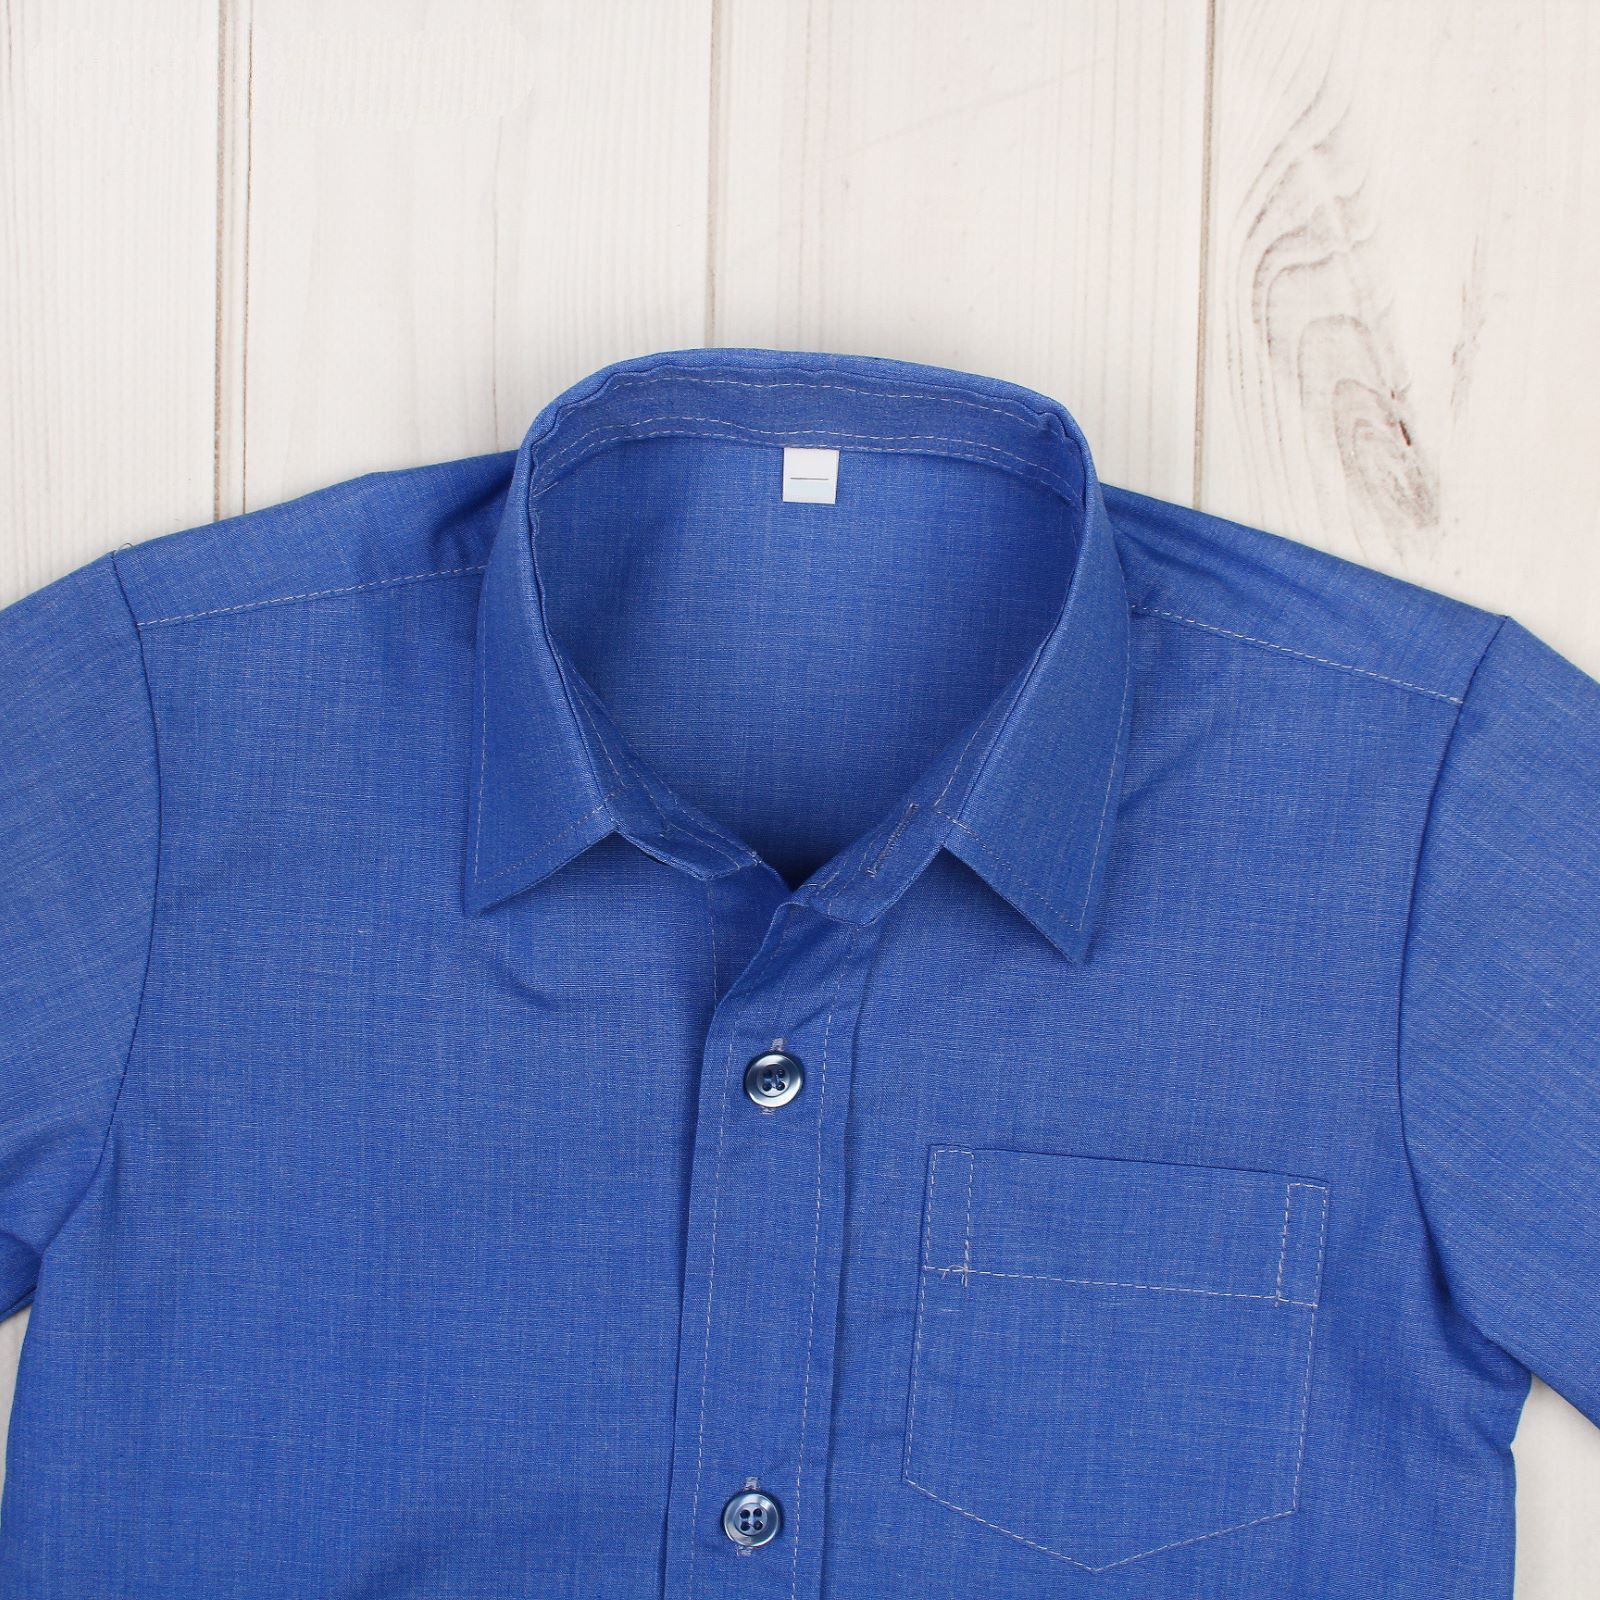 купить рубашку фирмы атрус для подростка мальчика этим свойствам